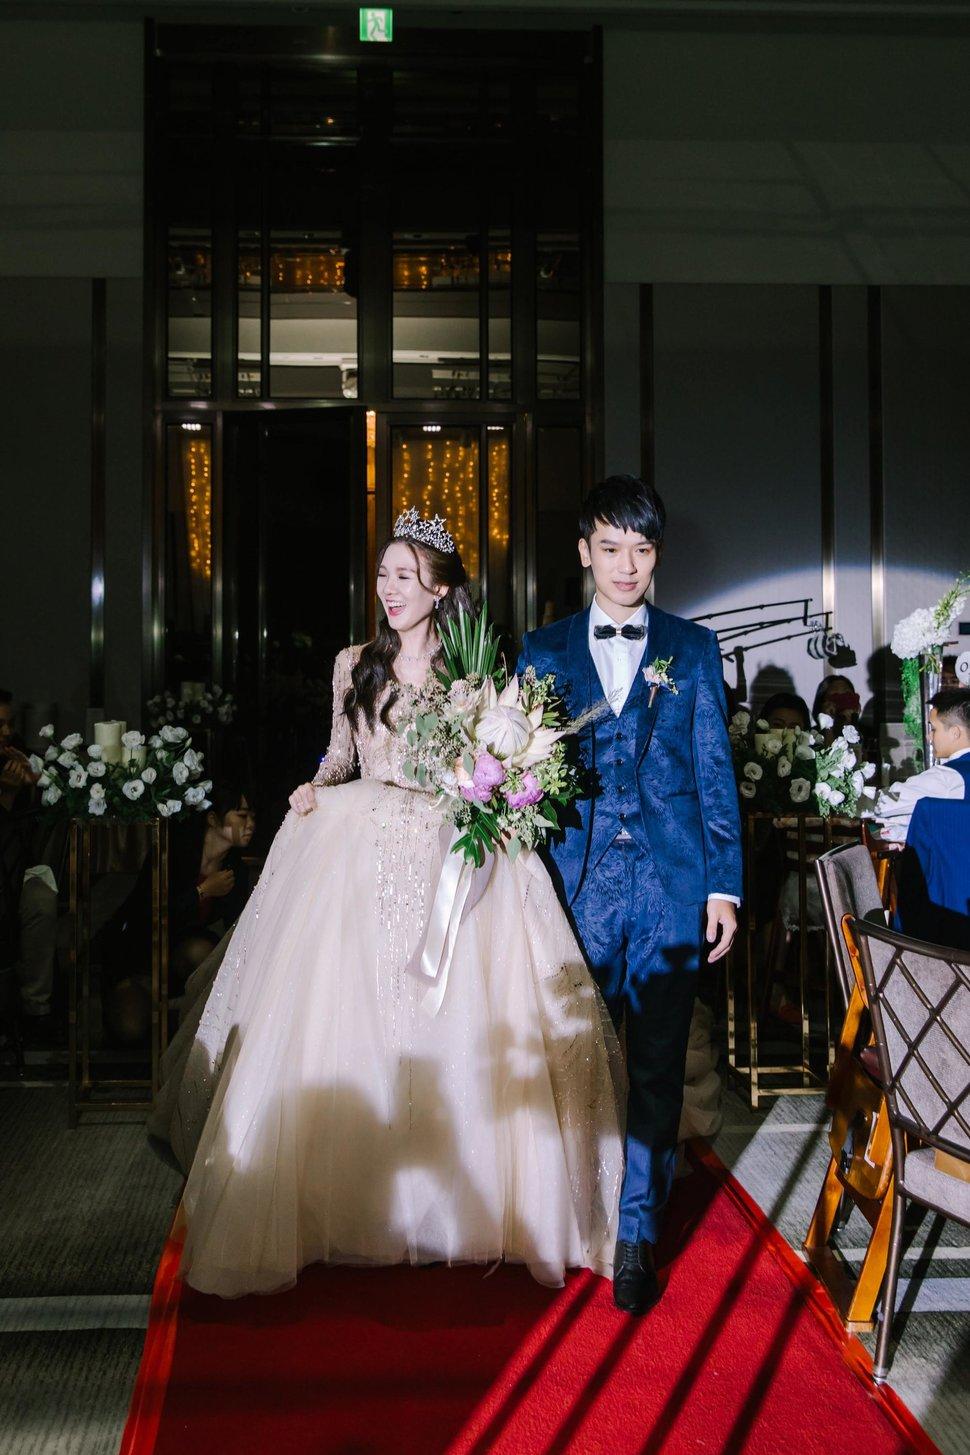 美式婚禮|Andy& Zoey Wedding | 萬豪酒店婚禮|美式婚禮紀錄 - 戶外婚禮 - 美式婚攝91 - Amazing Grace Studio - 結婚吧